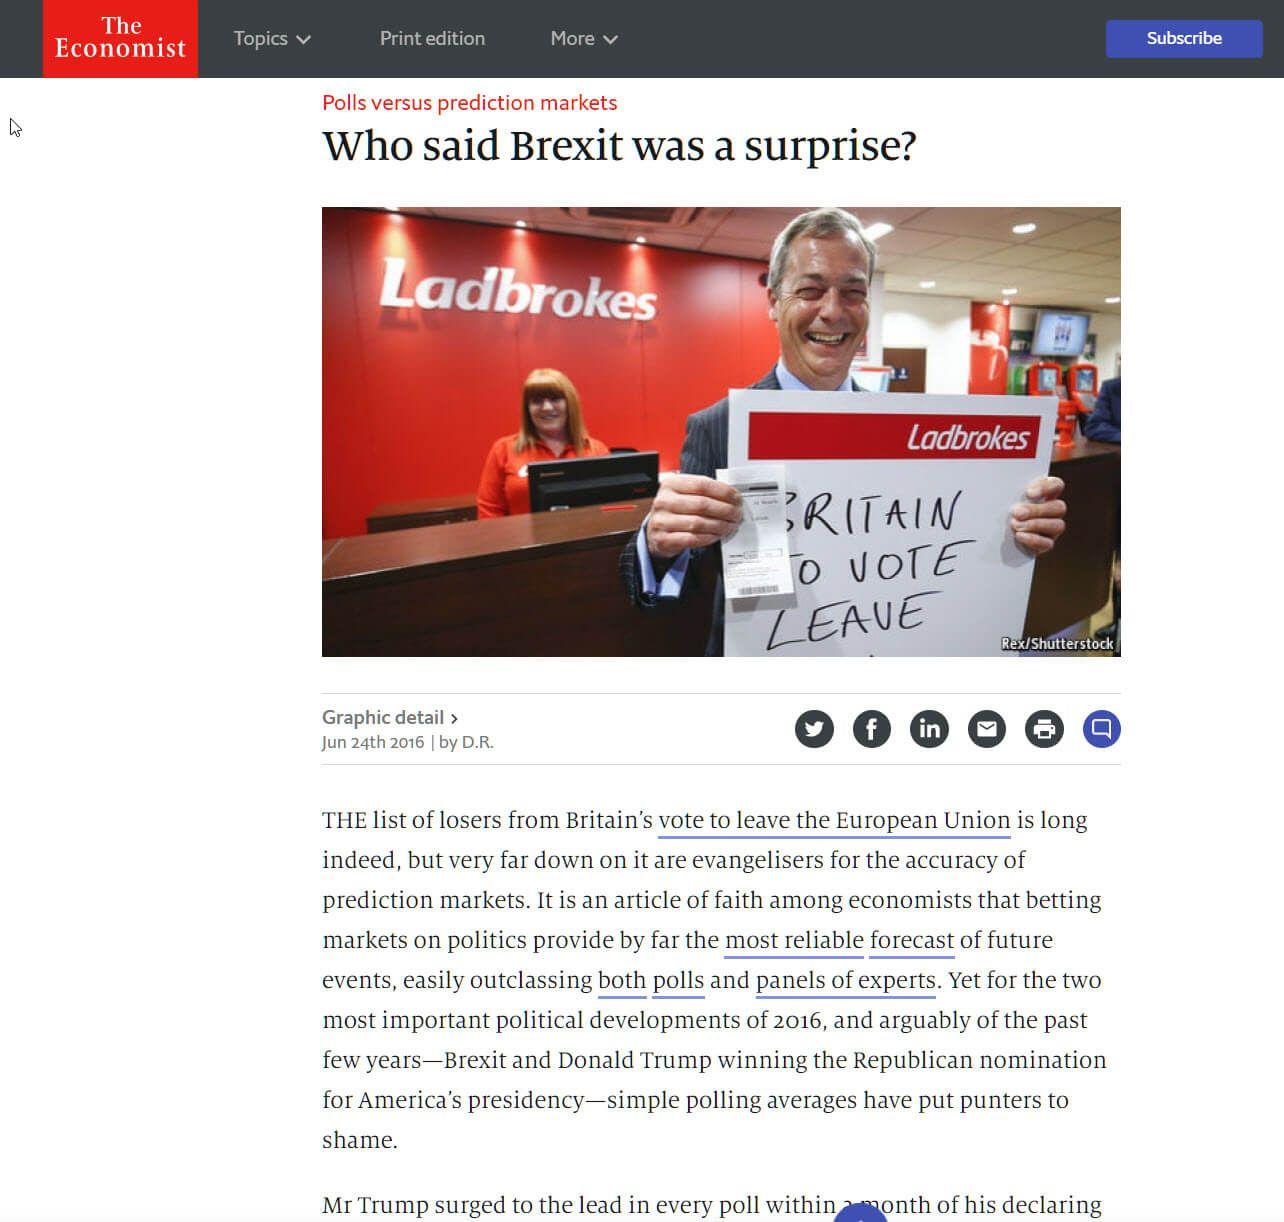 brexit-surprise